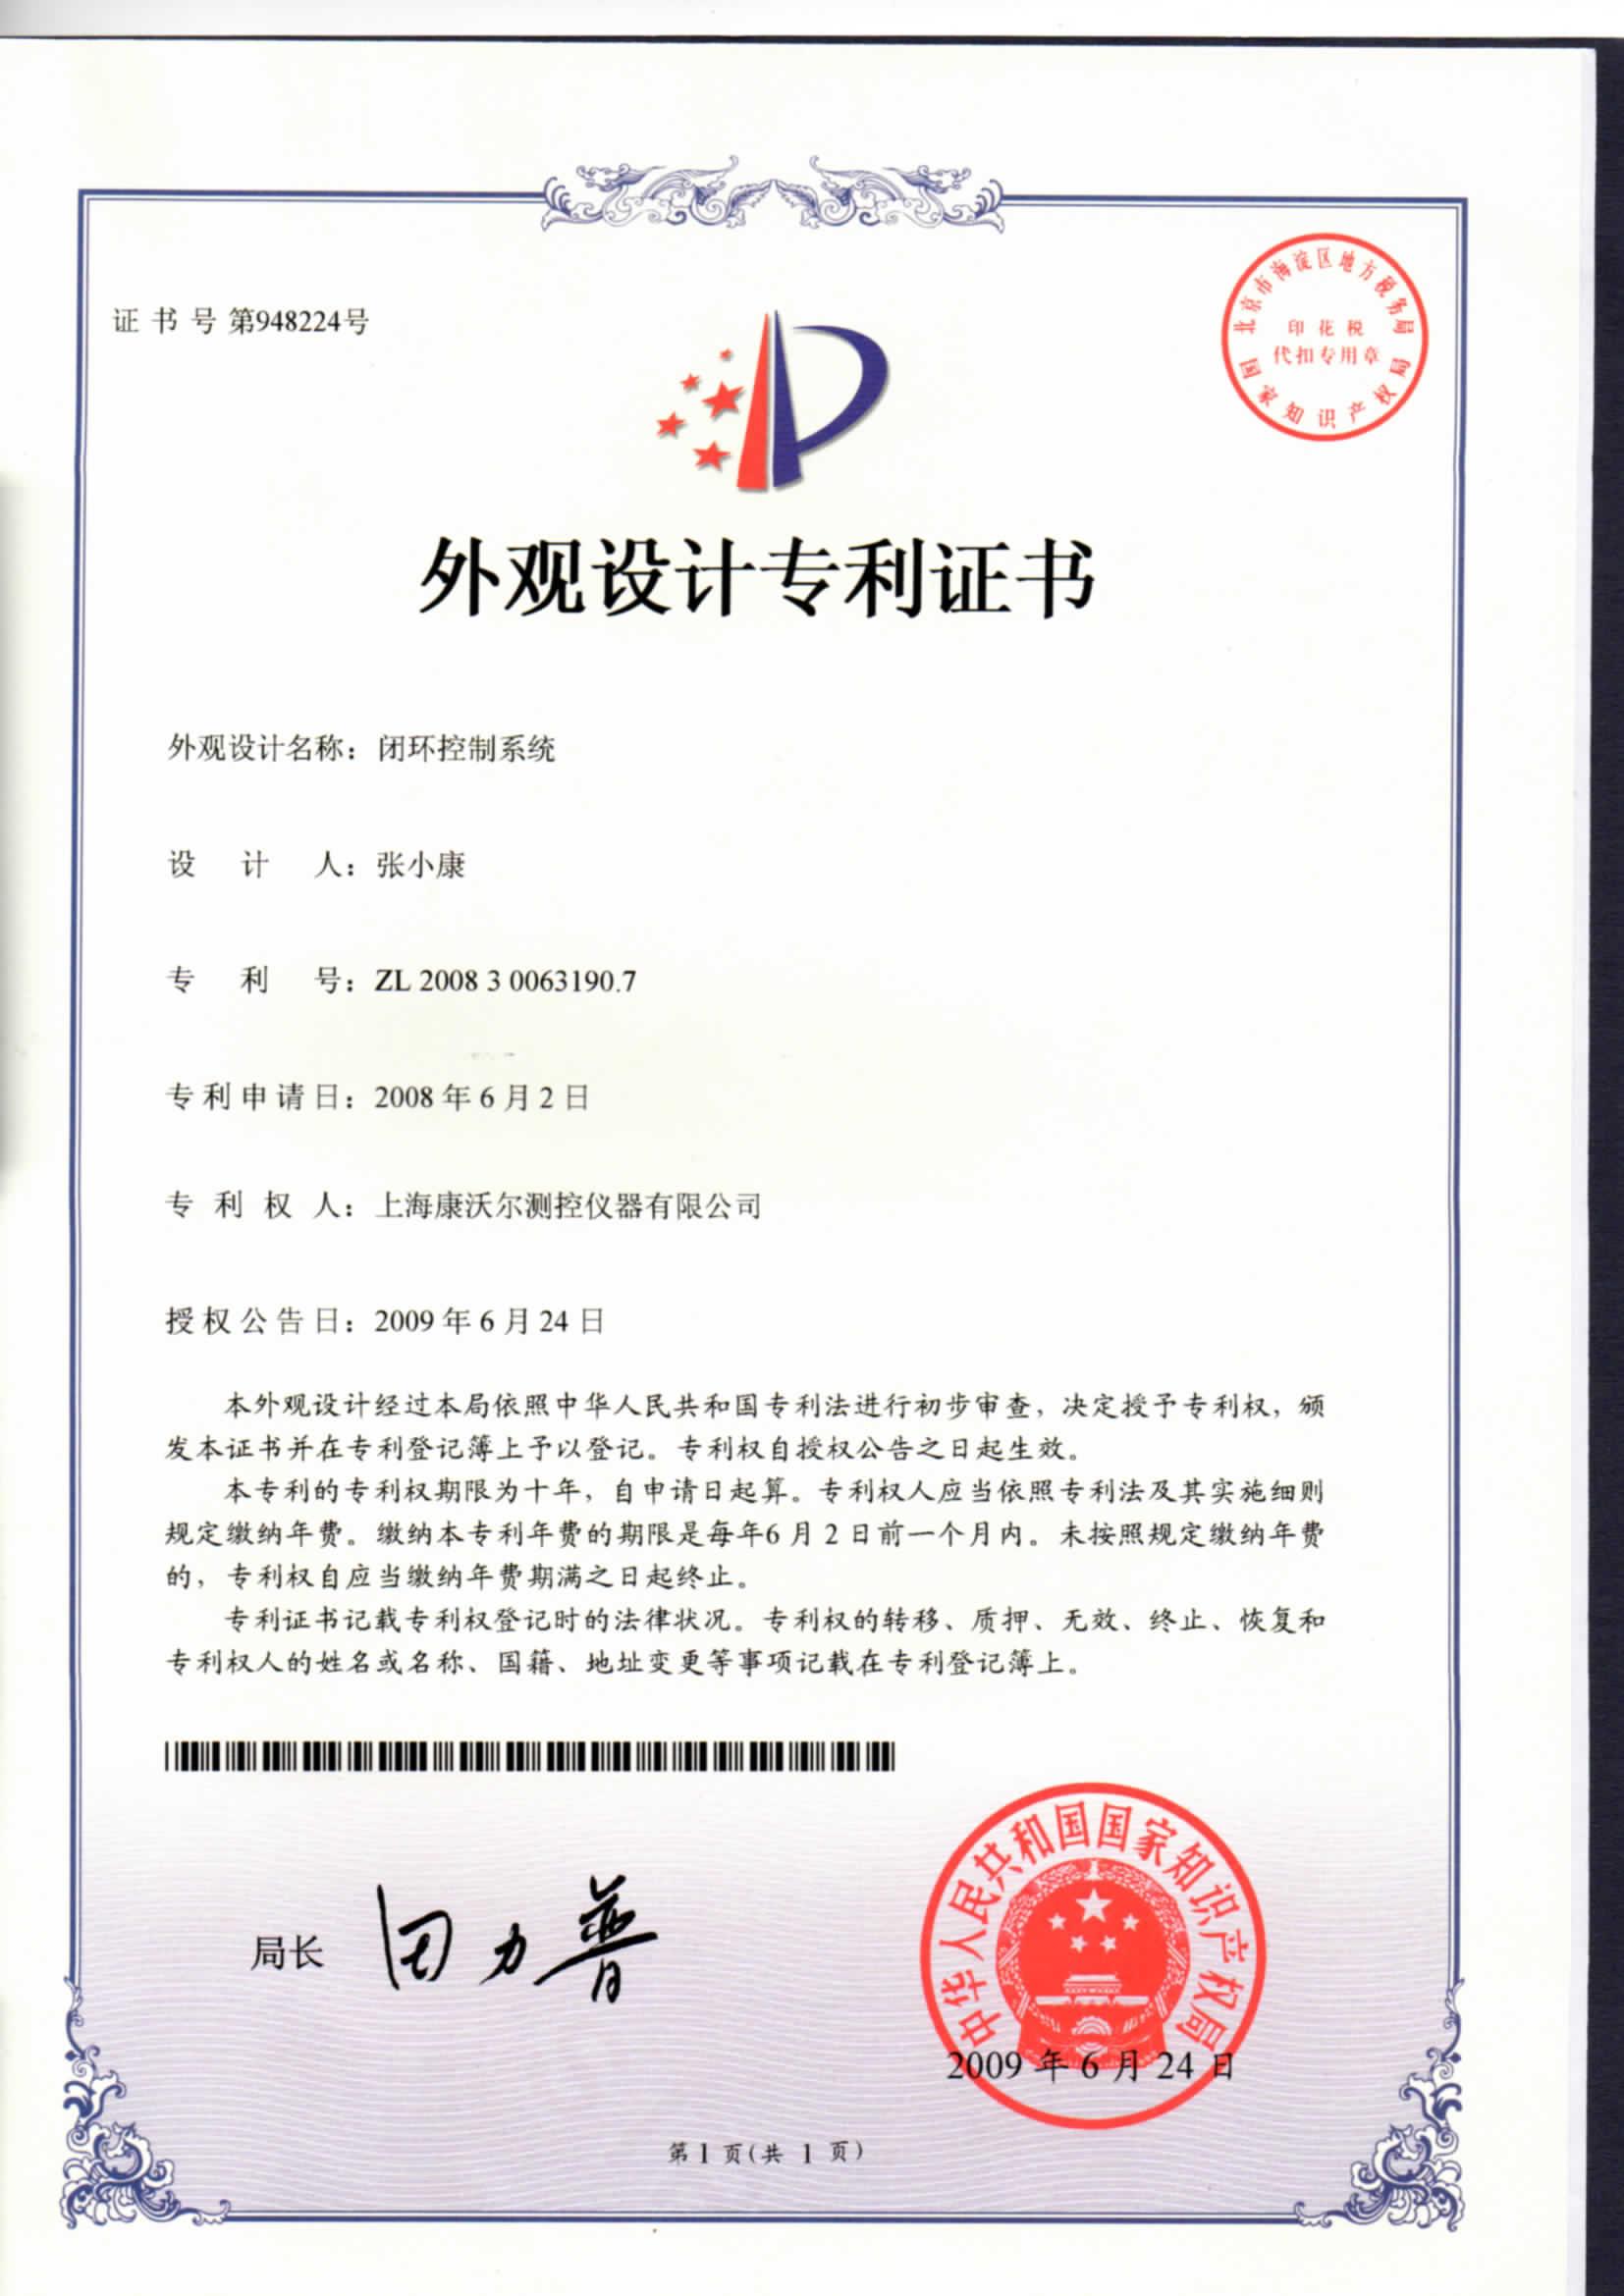 专利证书-闭环控制系统